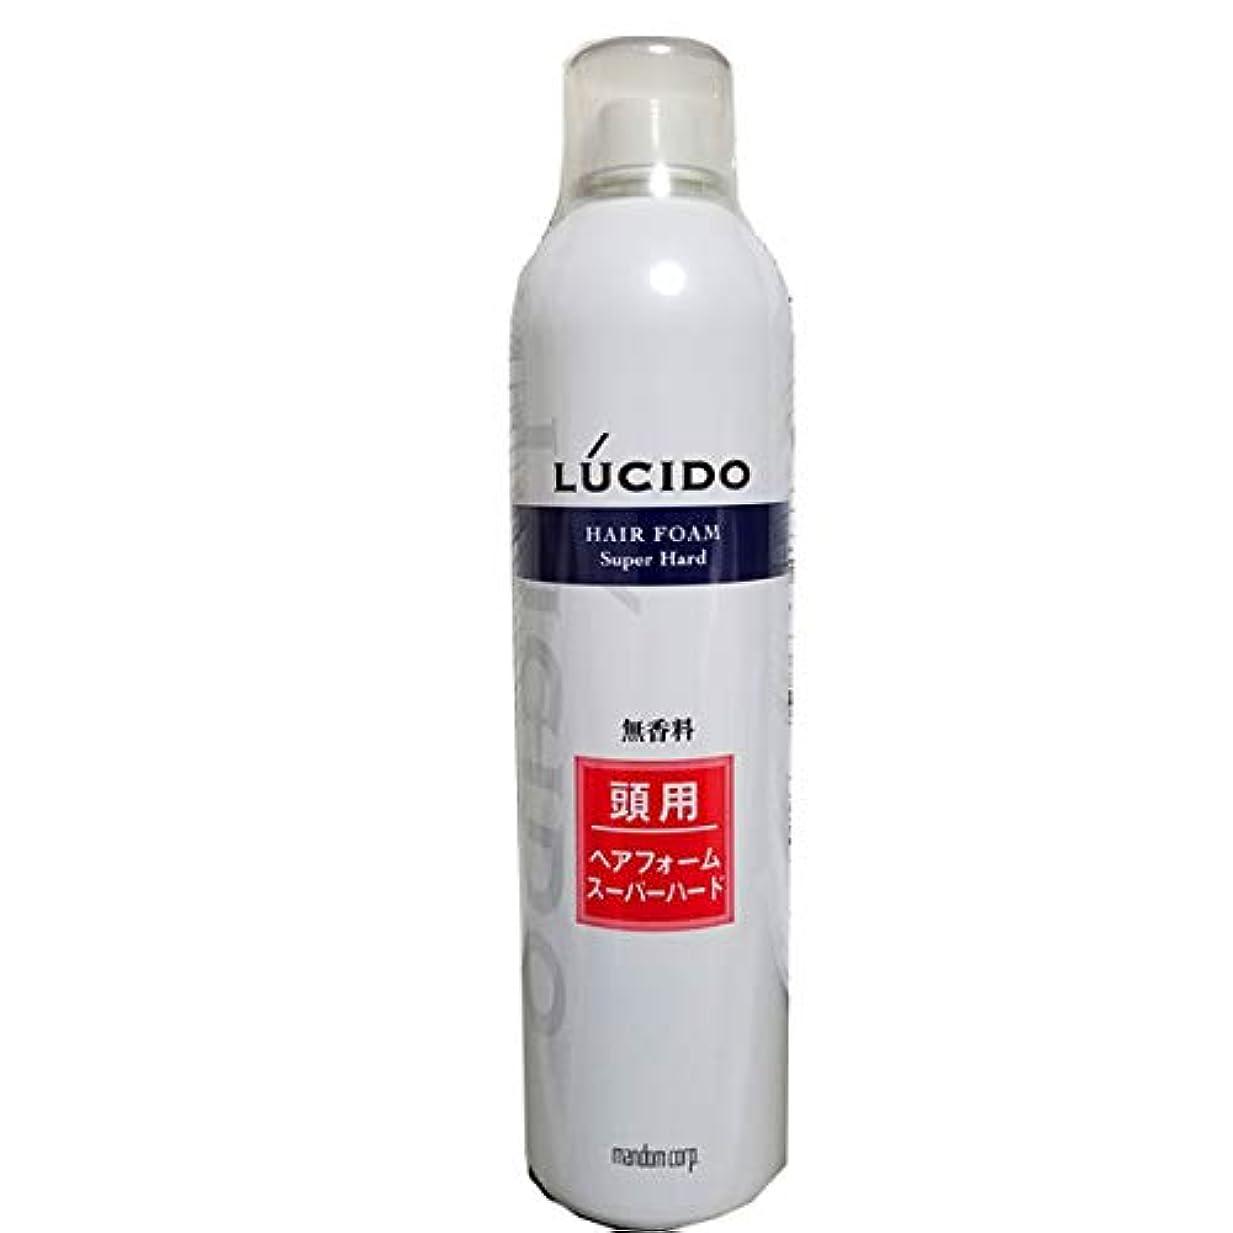 衝突する主導権工夫するルシード ヘアフォーム スーパーハードO 400g 業務用 40才からの髪に。 マンダム